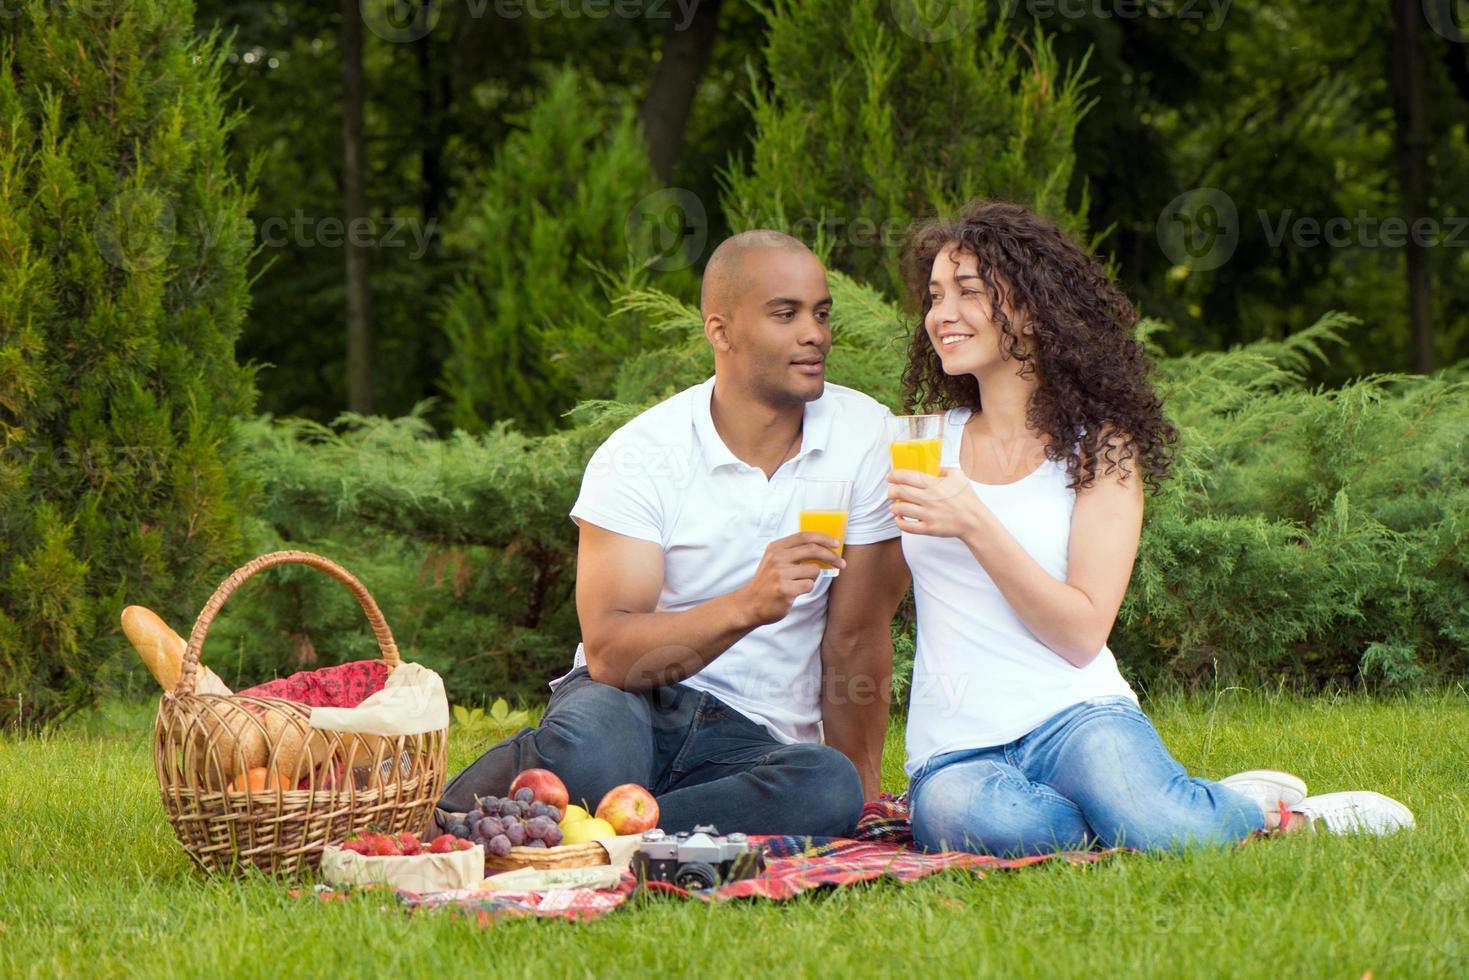 felice giovane coppia di trascorrere del tempo insieme nel parco foto